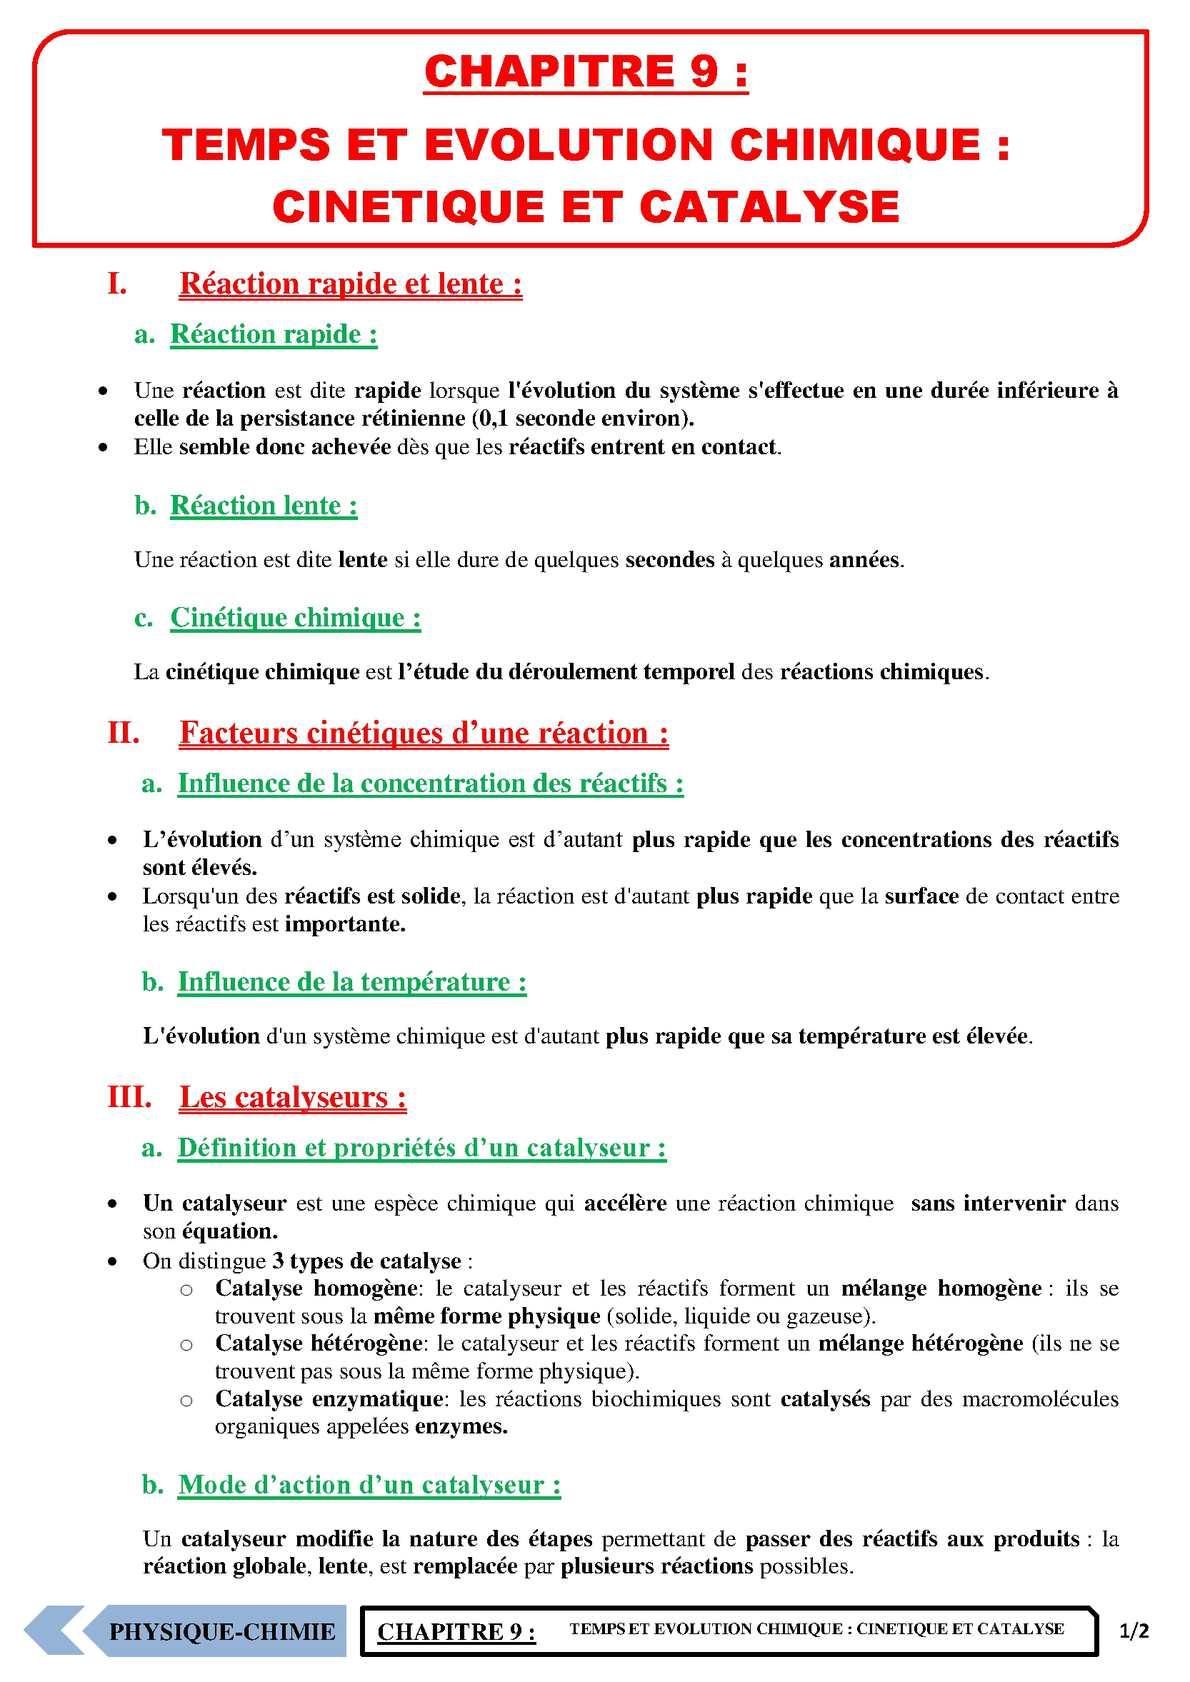 TS - PHYSIQUE/CHIMIE – Chapitre 9 | JéSky.fr